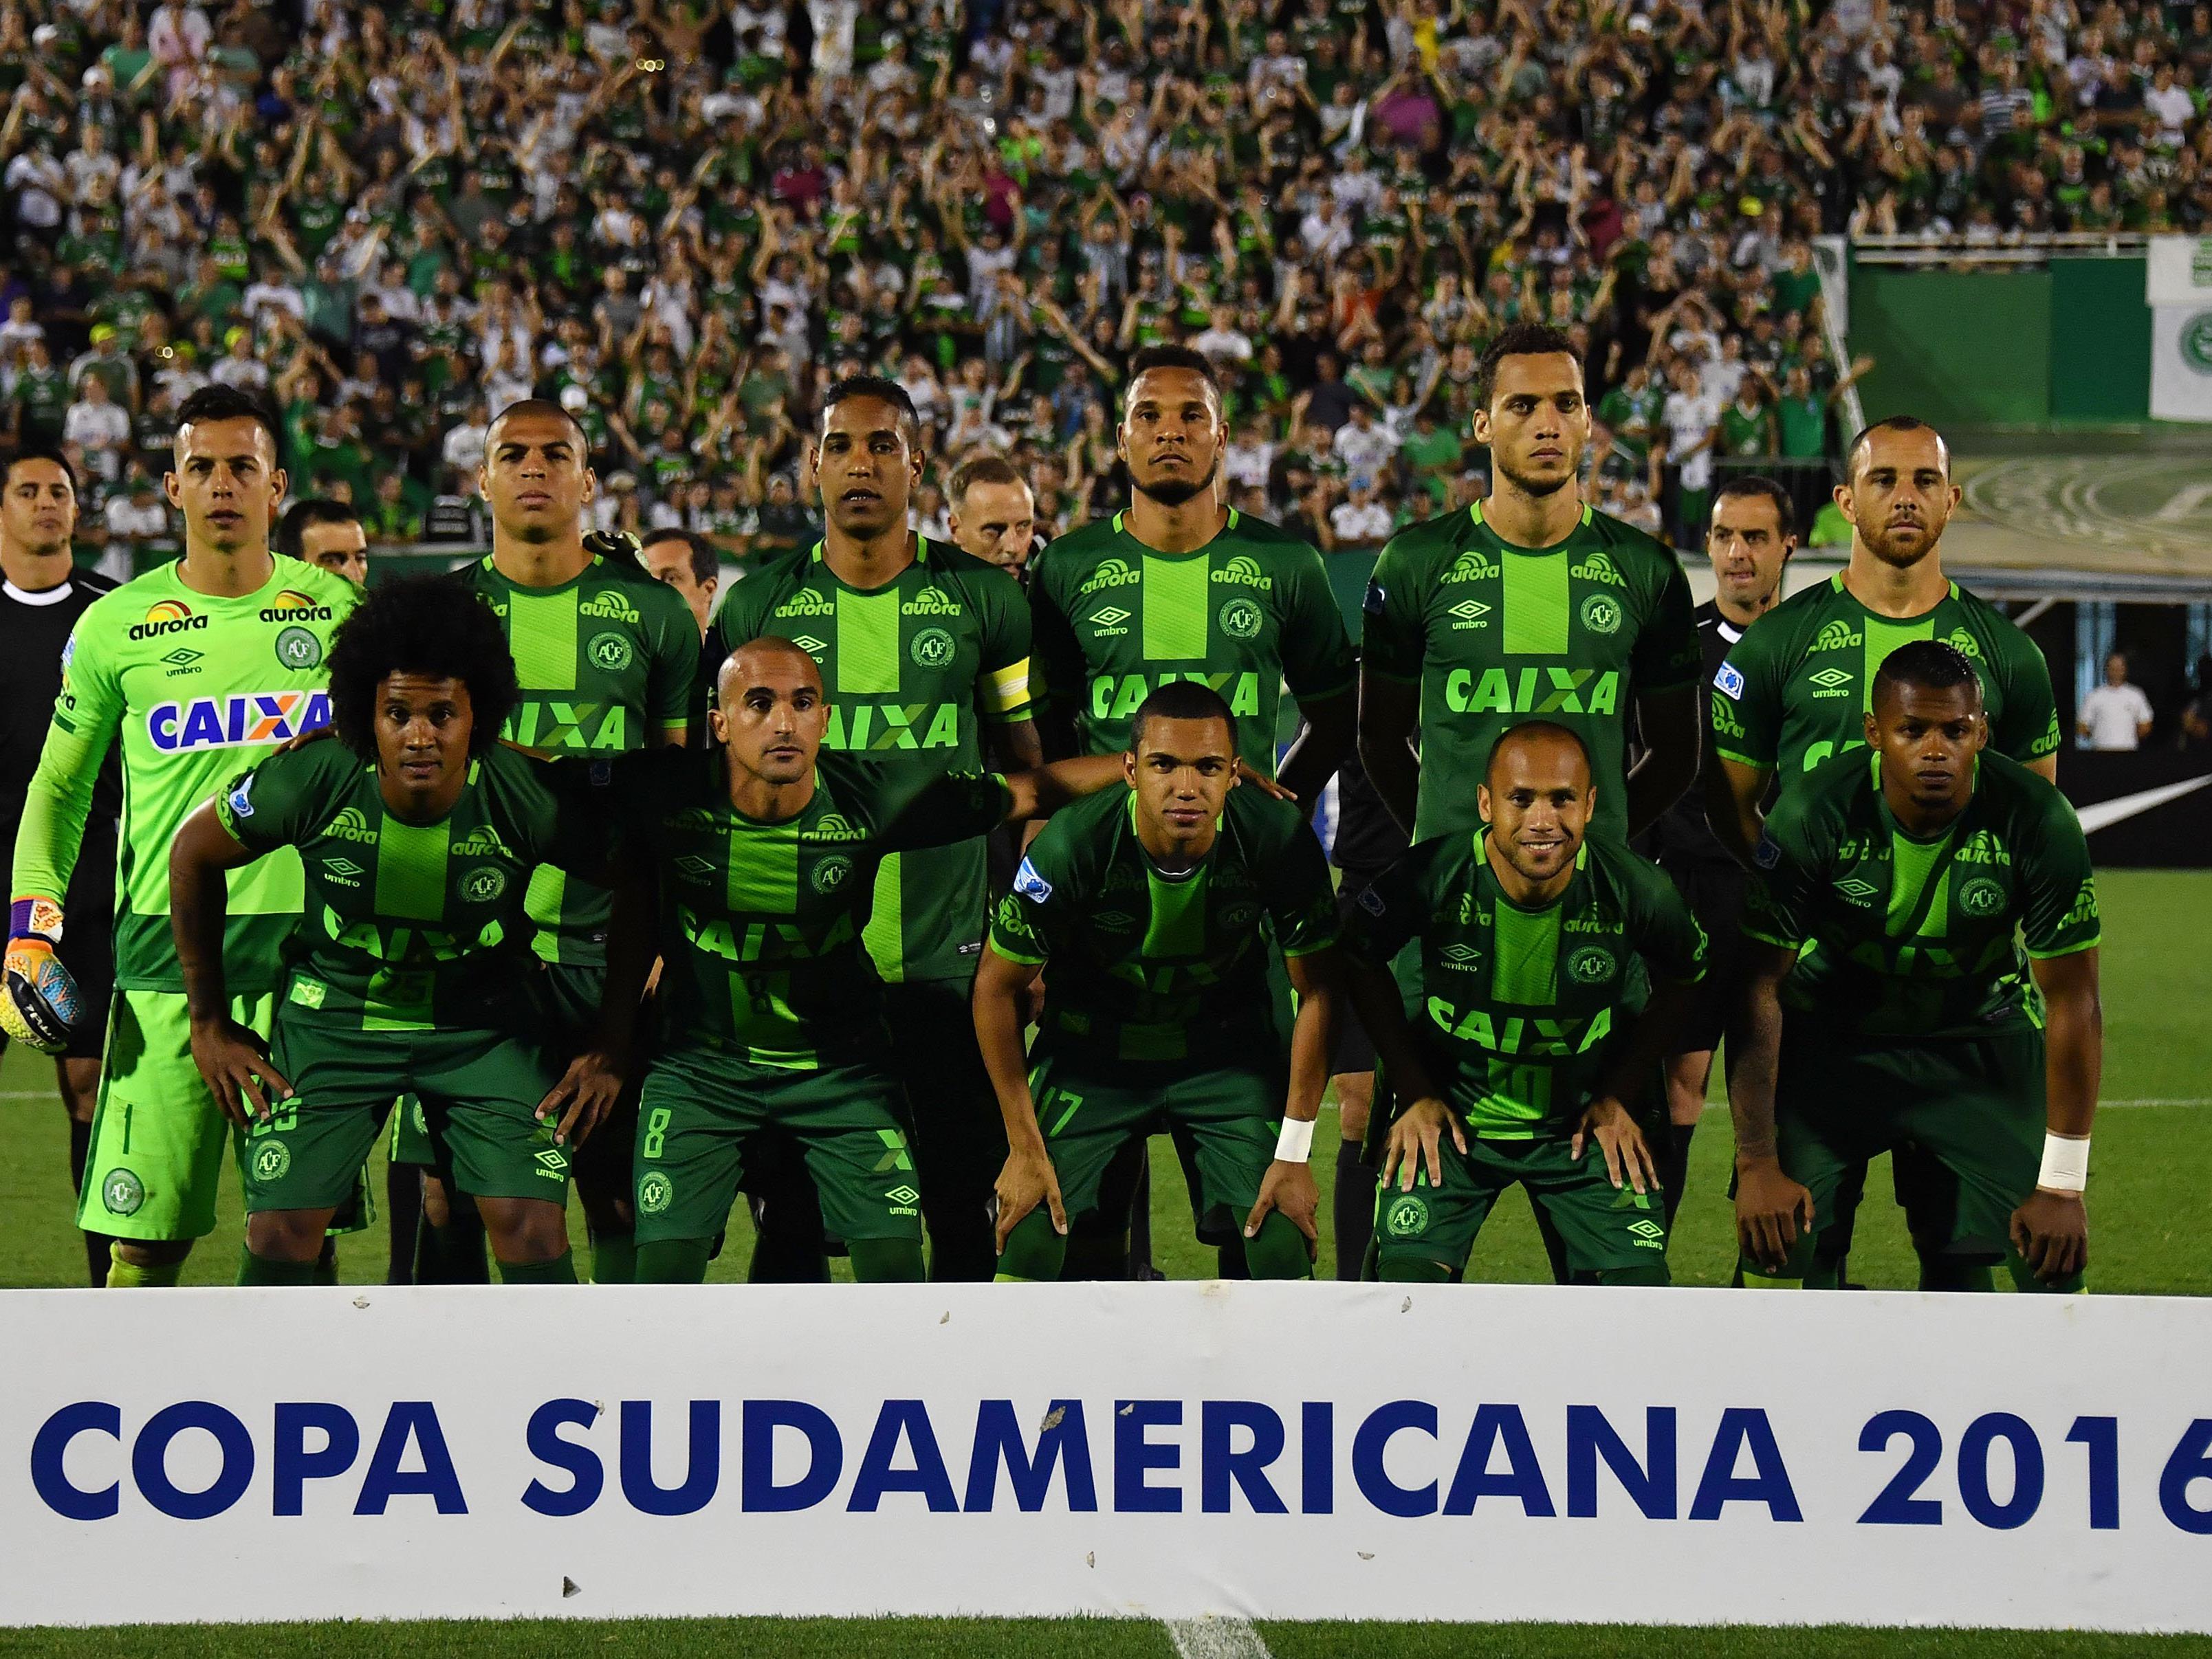 Die Mannschaft des brasilianischen Erstligisten Chapecoense befand sich in dem abgestürzten Flugzeug.